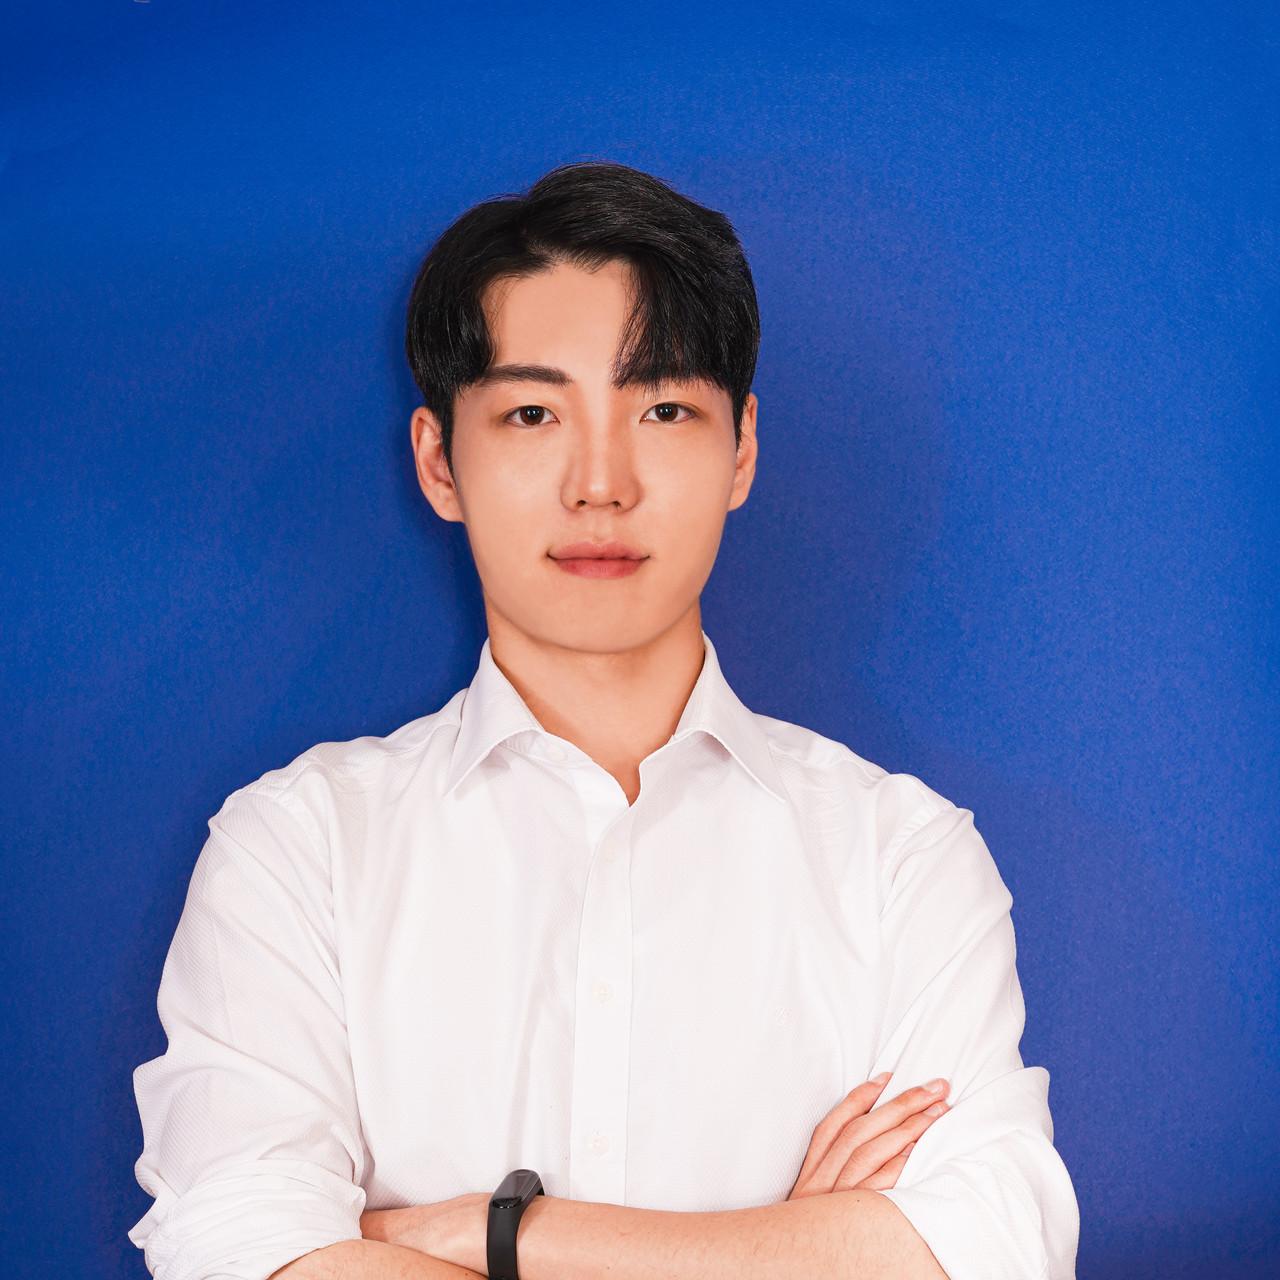 <b>Seok Min Kyu</b><br>Lead Fundraiser<br>